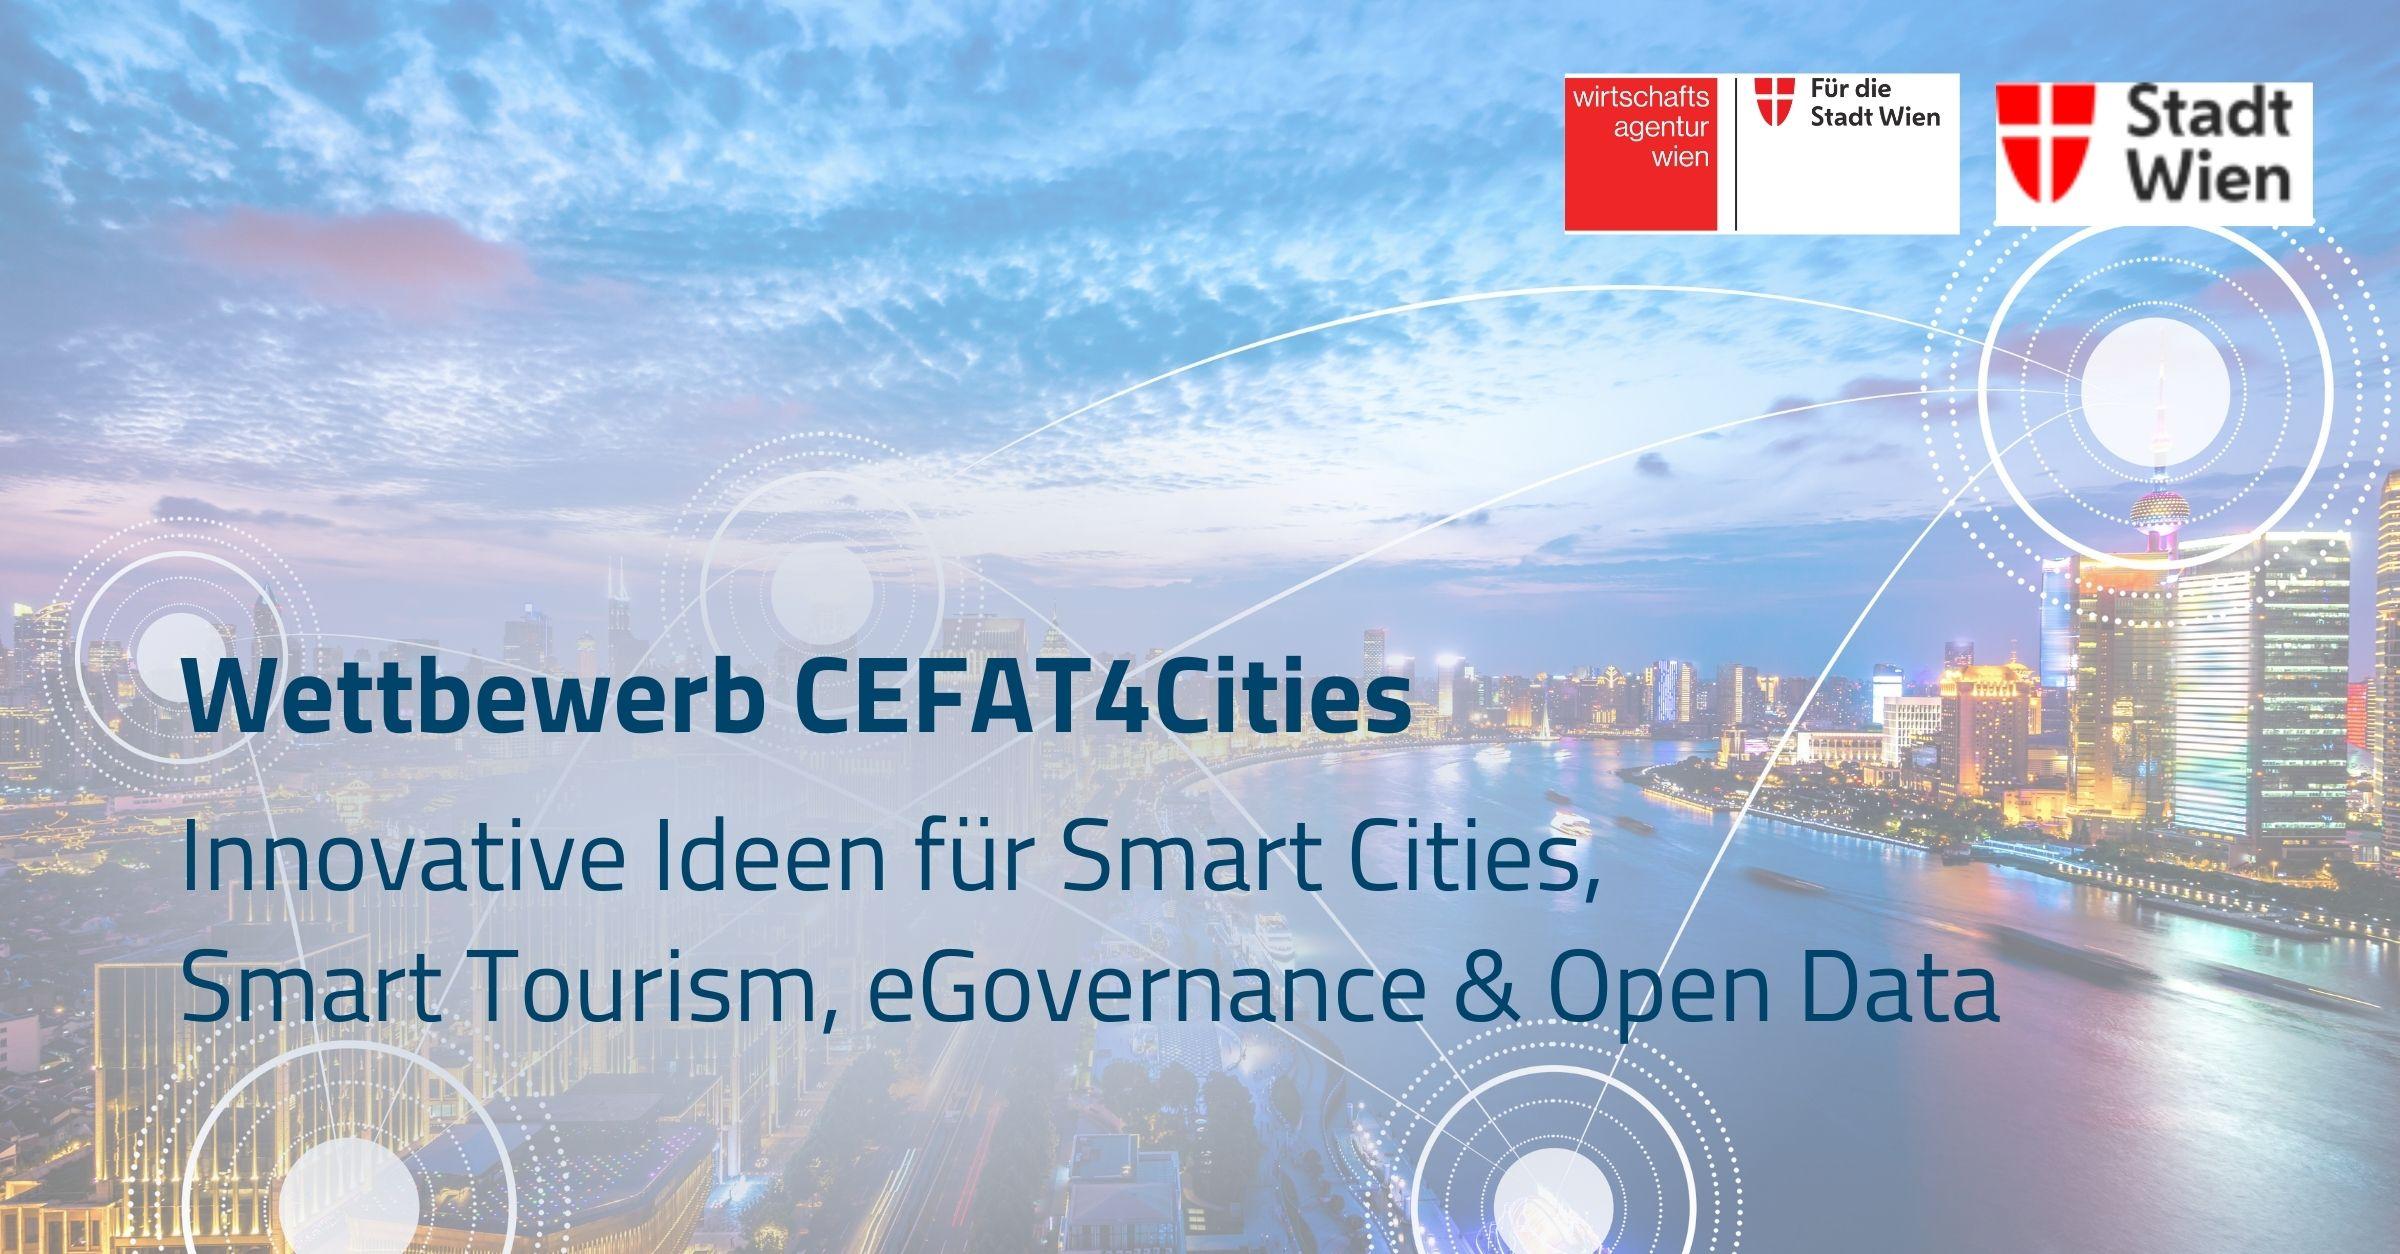 Wettbewerb CEFAT4Cities: Innovative Ideen für Smart Cities, Smart Tourism, eGovernance & Open Data